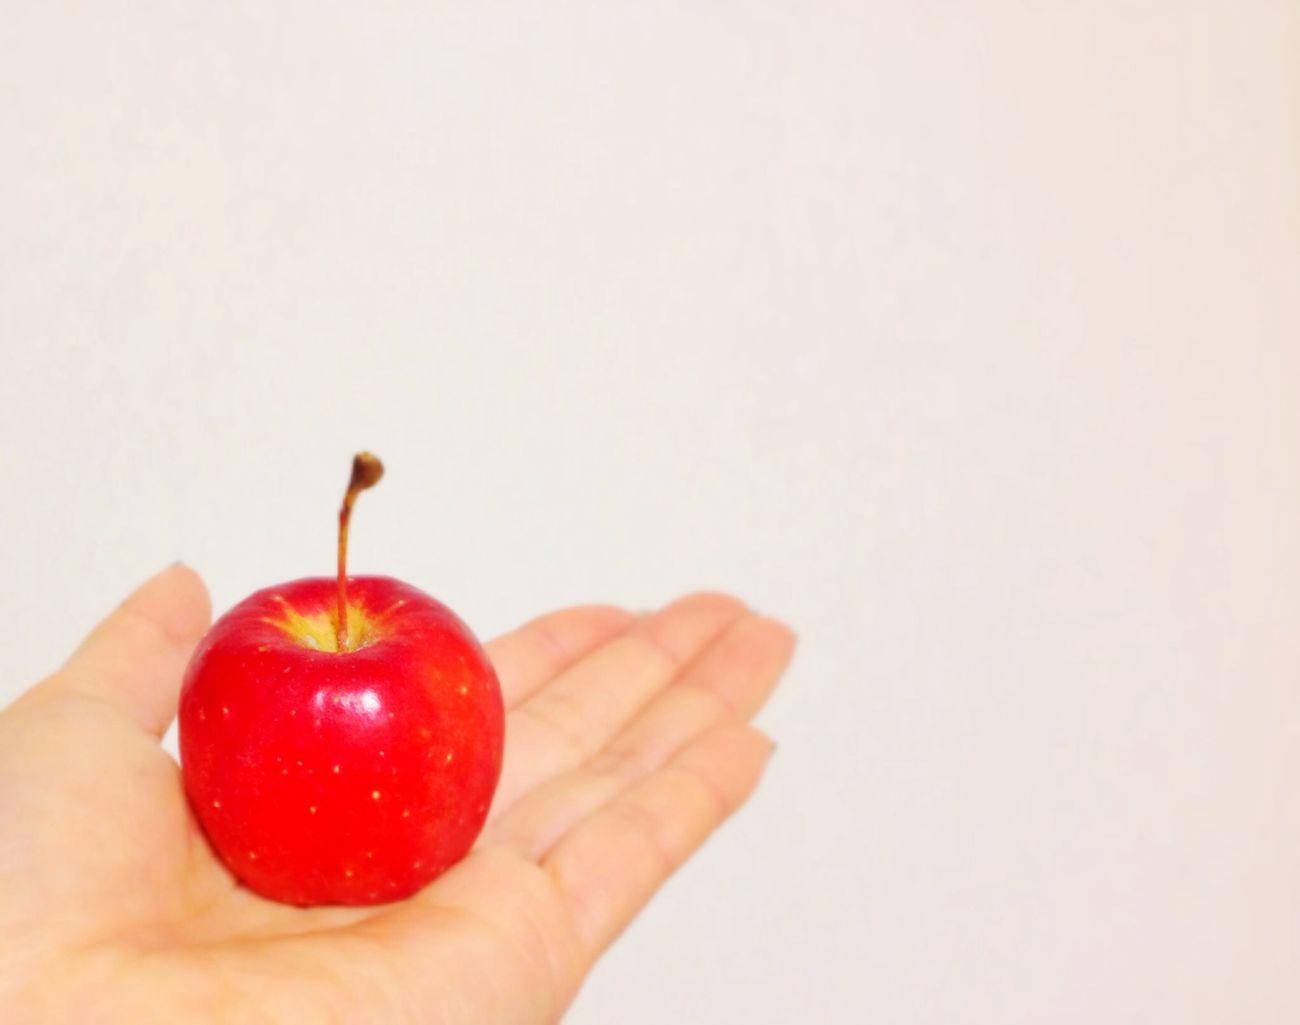 昨日のナシゴレンプレートについてた林檎♡可愛いから持って帰っちゃった(≧∇≦) 林檎 Apple Red Simple